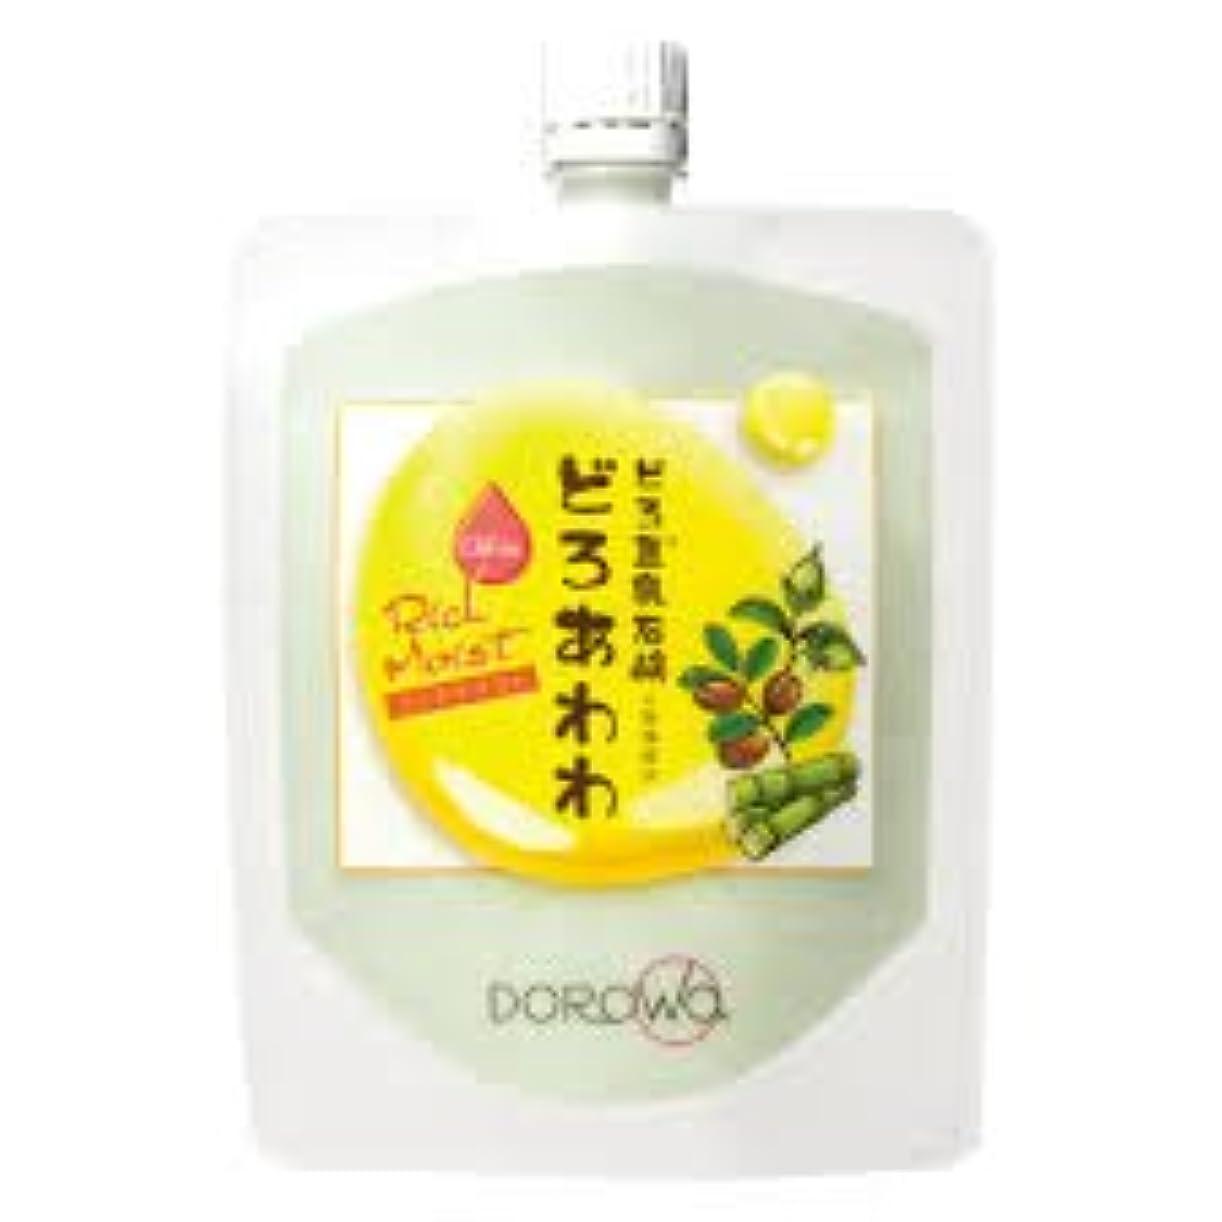 ジュース制限するクマノミ【DOROwa(ドロワ)】どろ豆乳石鹸 どろあわわ〈リッチモイスト〉